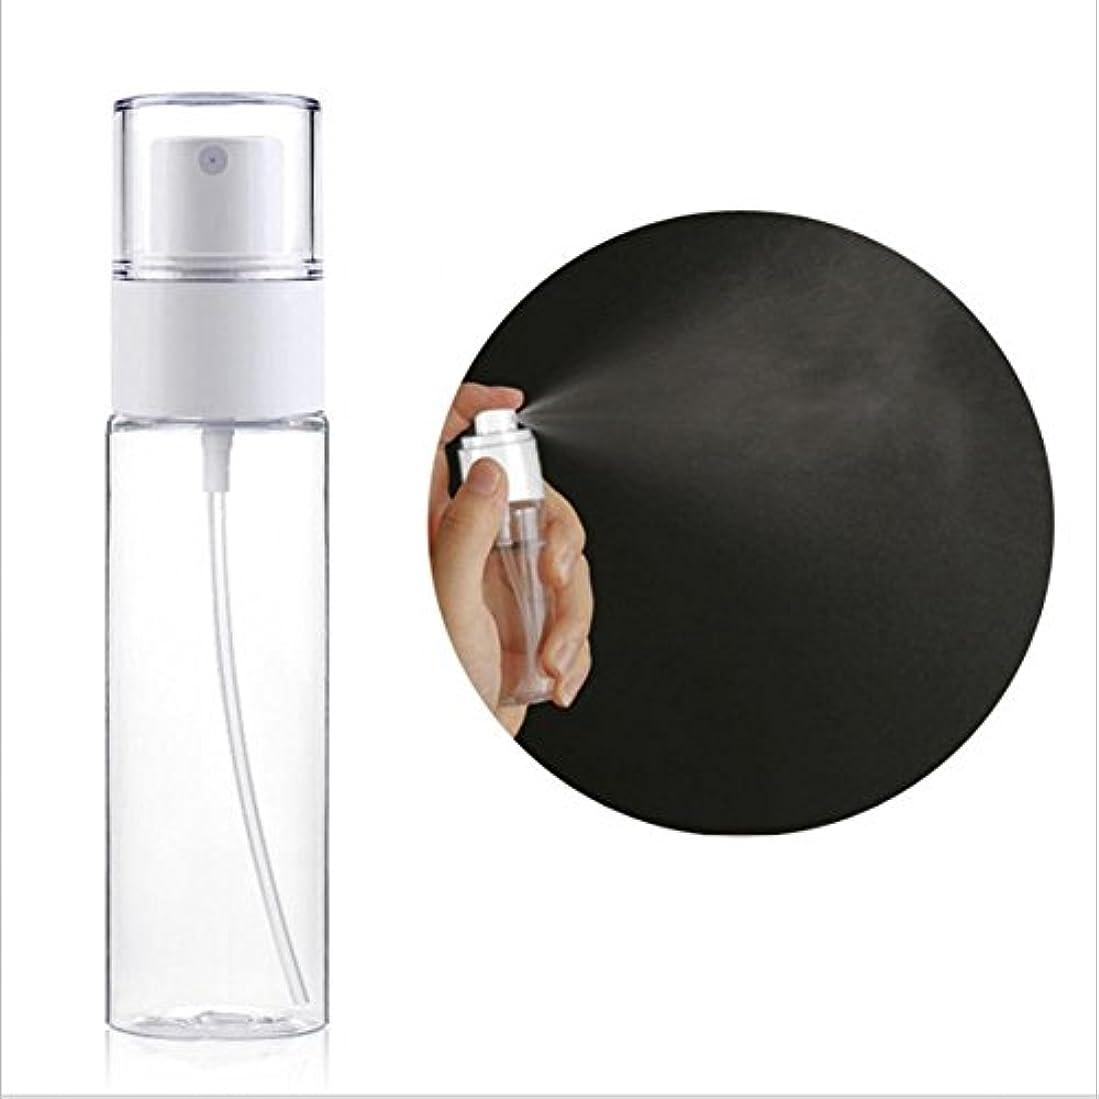 画面省抗議プラスチックスプレーボトル、50ml ポータブル 透明スプレーメイクアップスプレーボトル 香水、ローション、トナーなどに適用